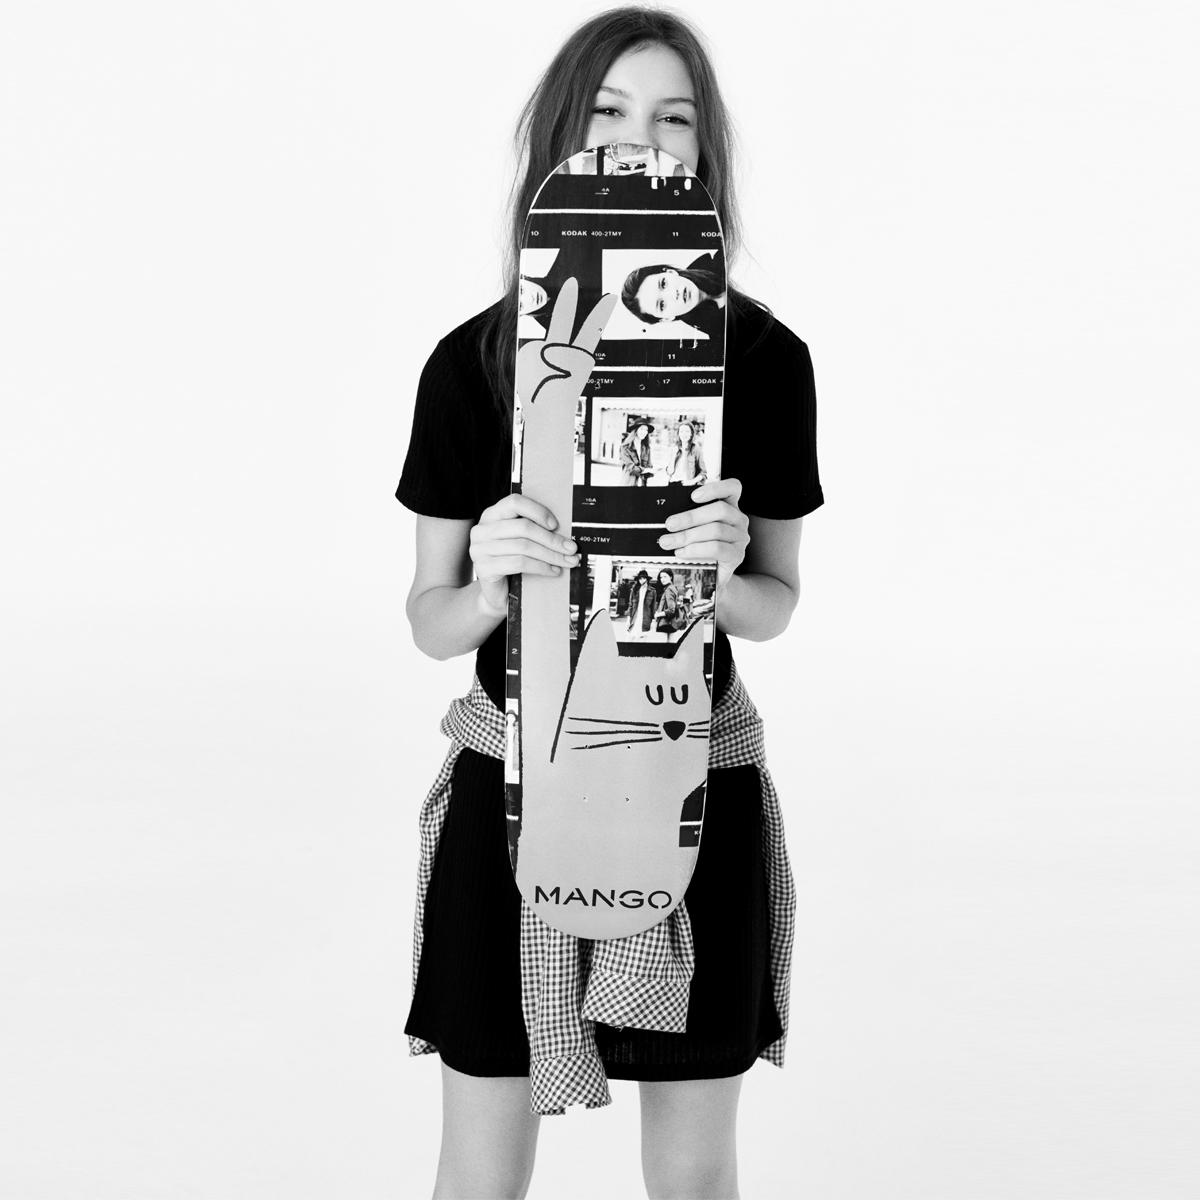 modelo_skate_1